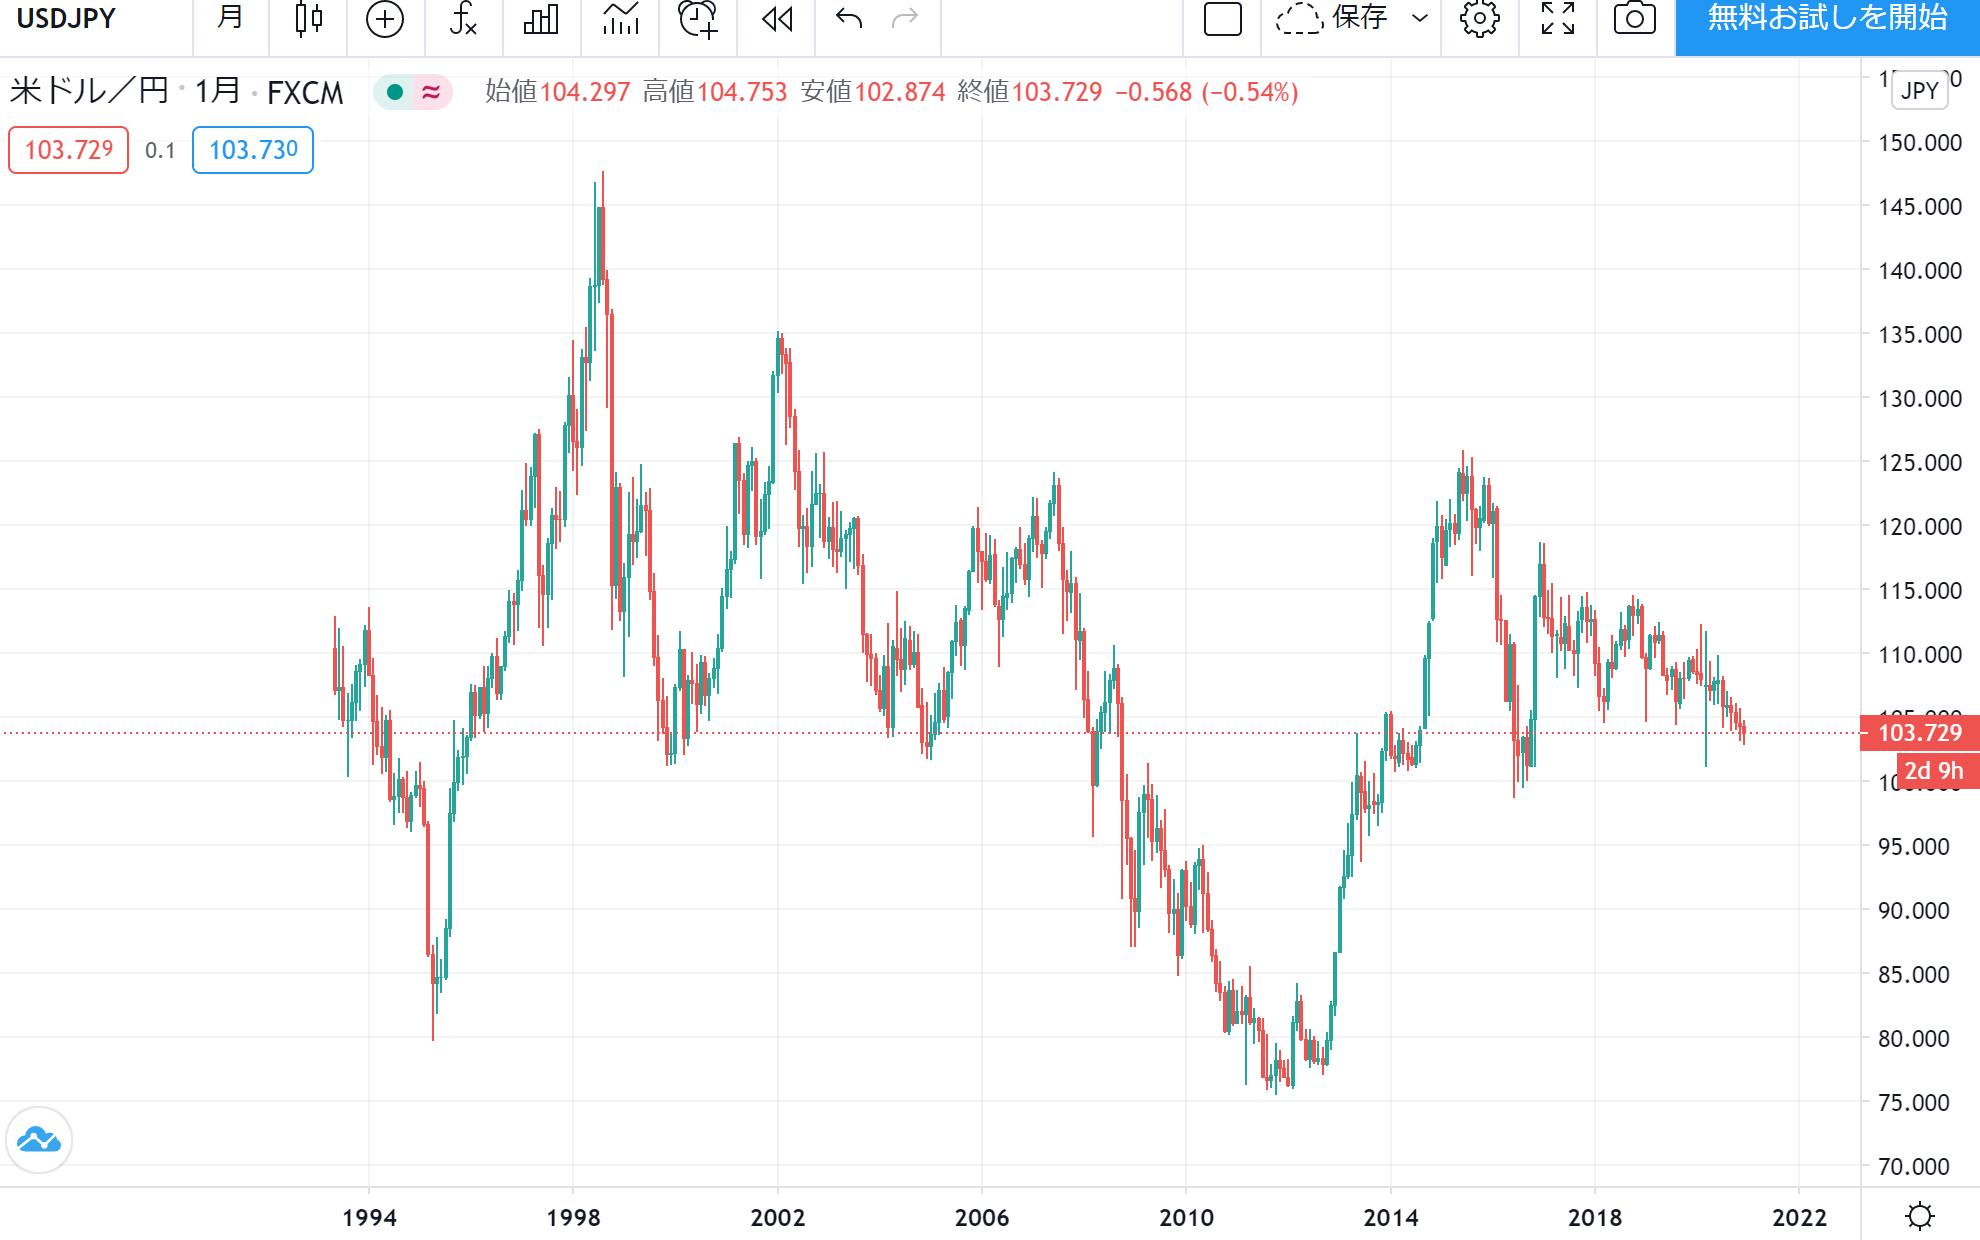 美元日圓匯率過去30年的圖表